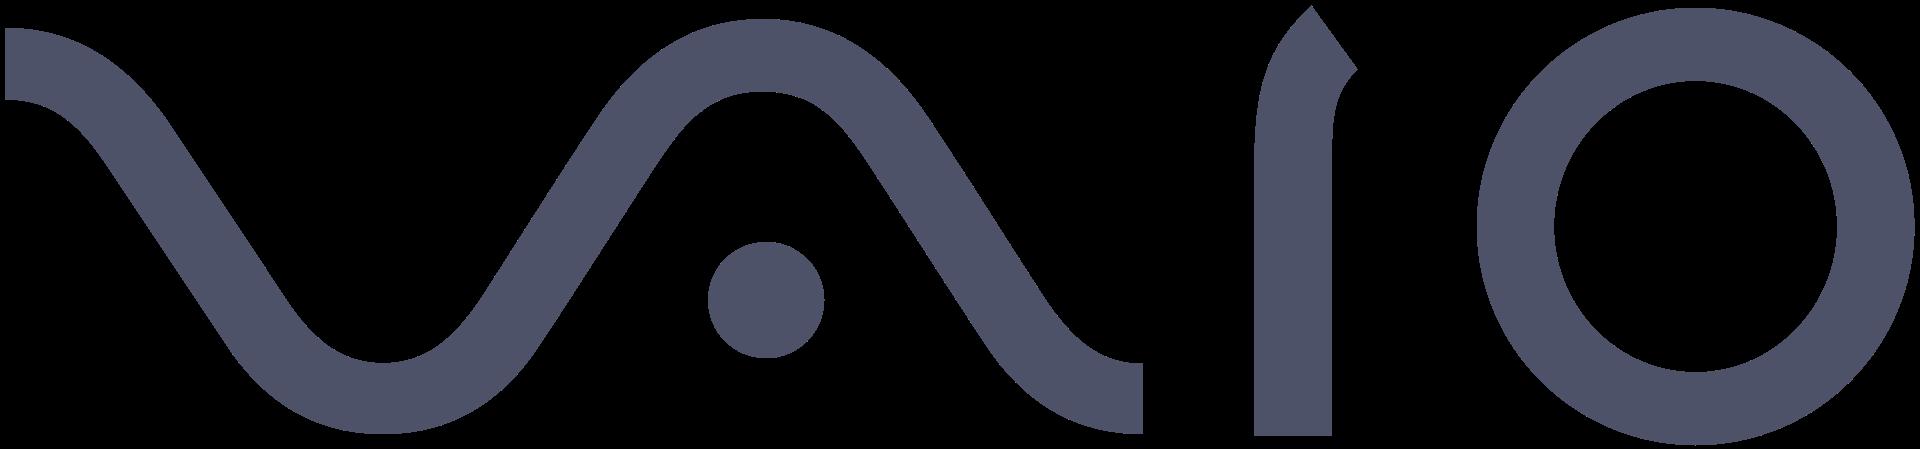 VAIO(バイオ)の特徴と、ノートパソコン評価一覧